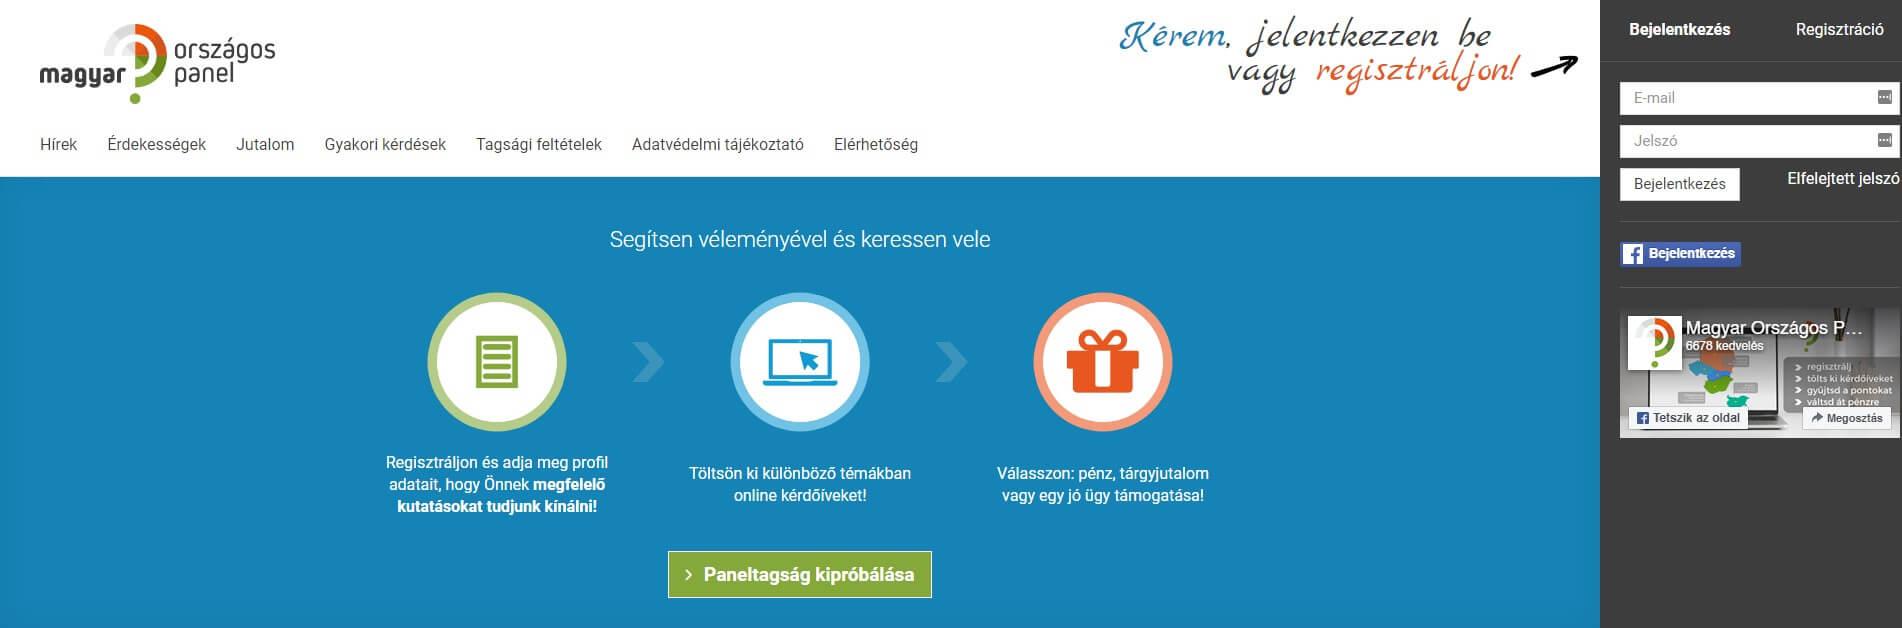 Online Kérdőív - Keress Pénzt Online Kérdőívek Kitöltésével